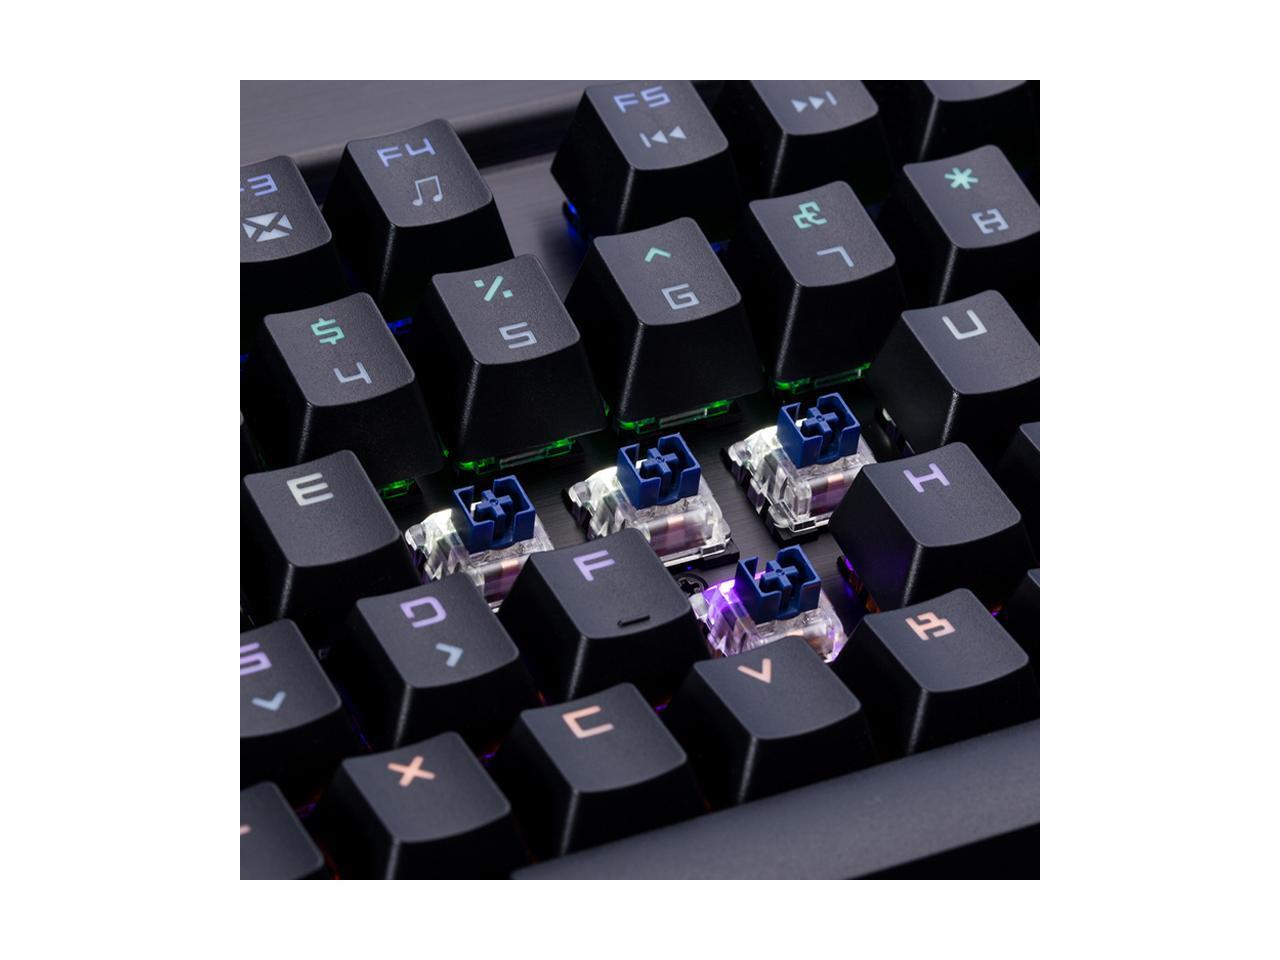 Клавиатуры, мыши, комплекты Механическая игровая клавиатура Magic-Refiner MK7 в ретро стиле с RGB подсветкой 108 клавиш и съемным упором для рук (Фото 4)